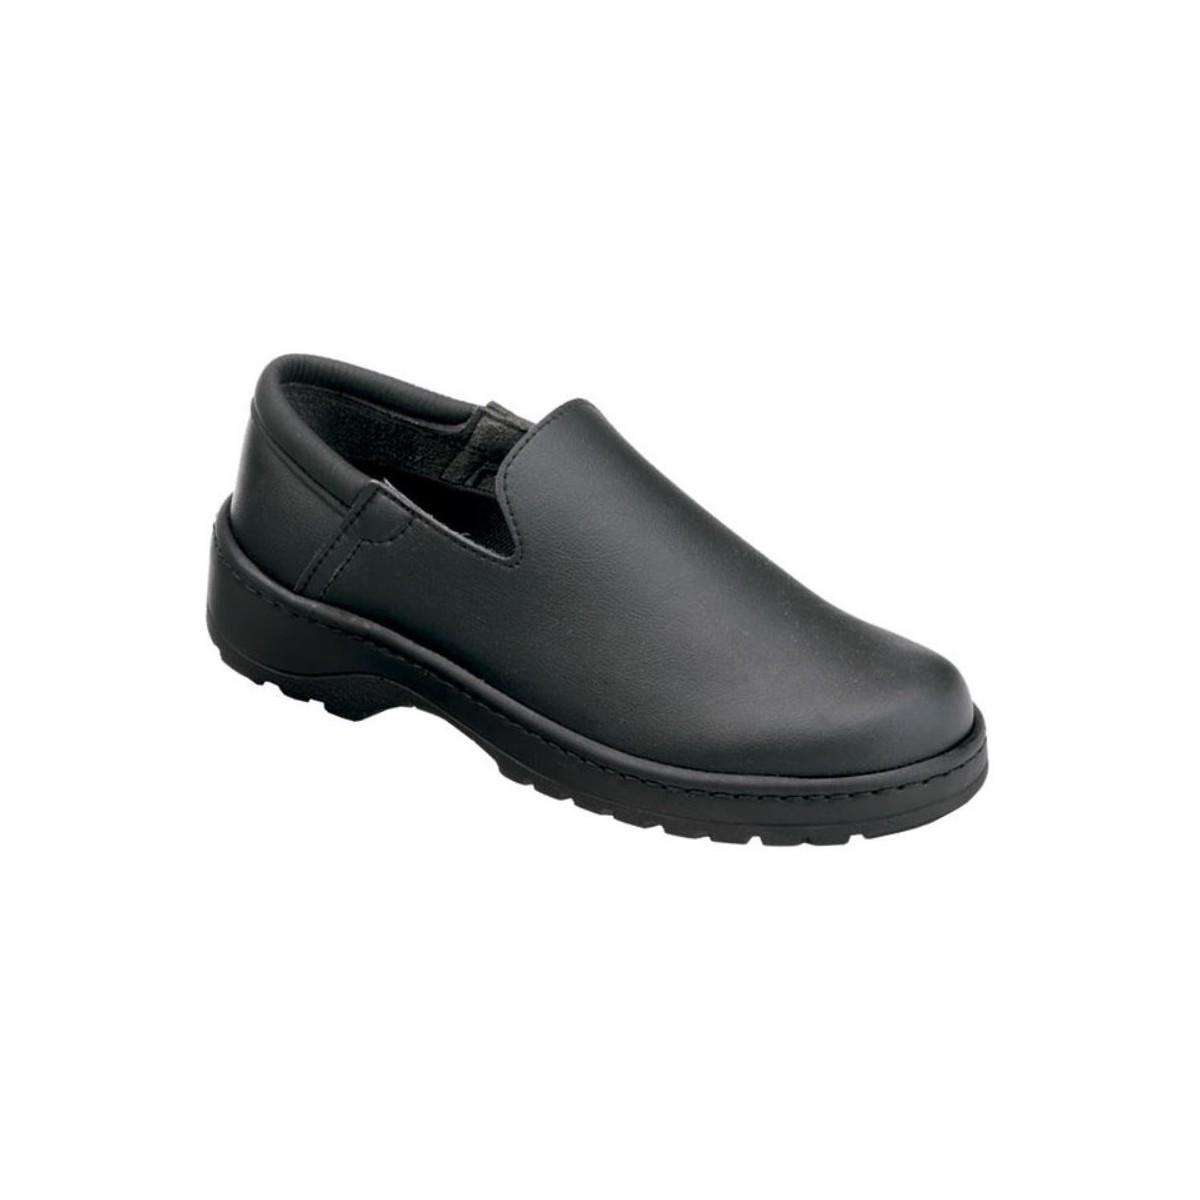 Mocas n calzamedi zapatos sanitarios zuecos unisex negro for Sanitarios negros